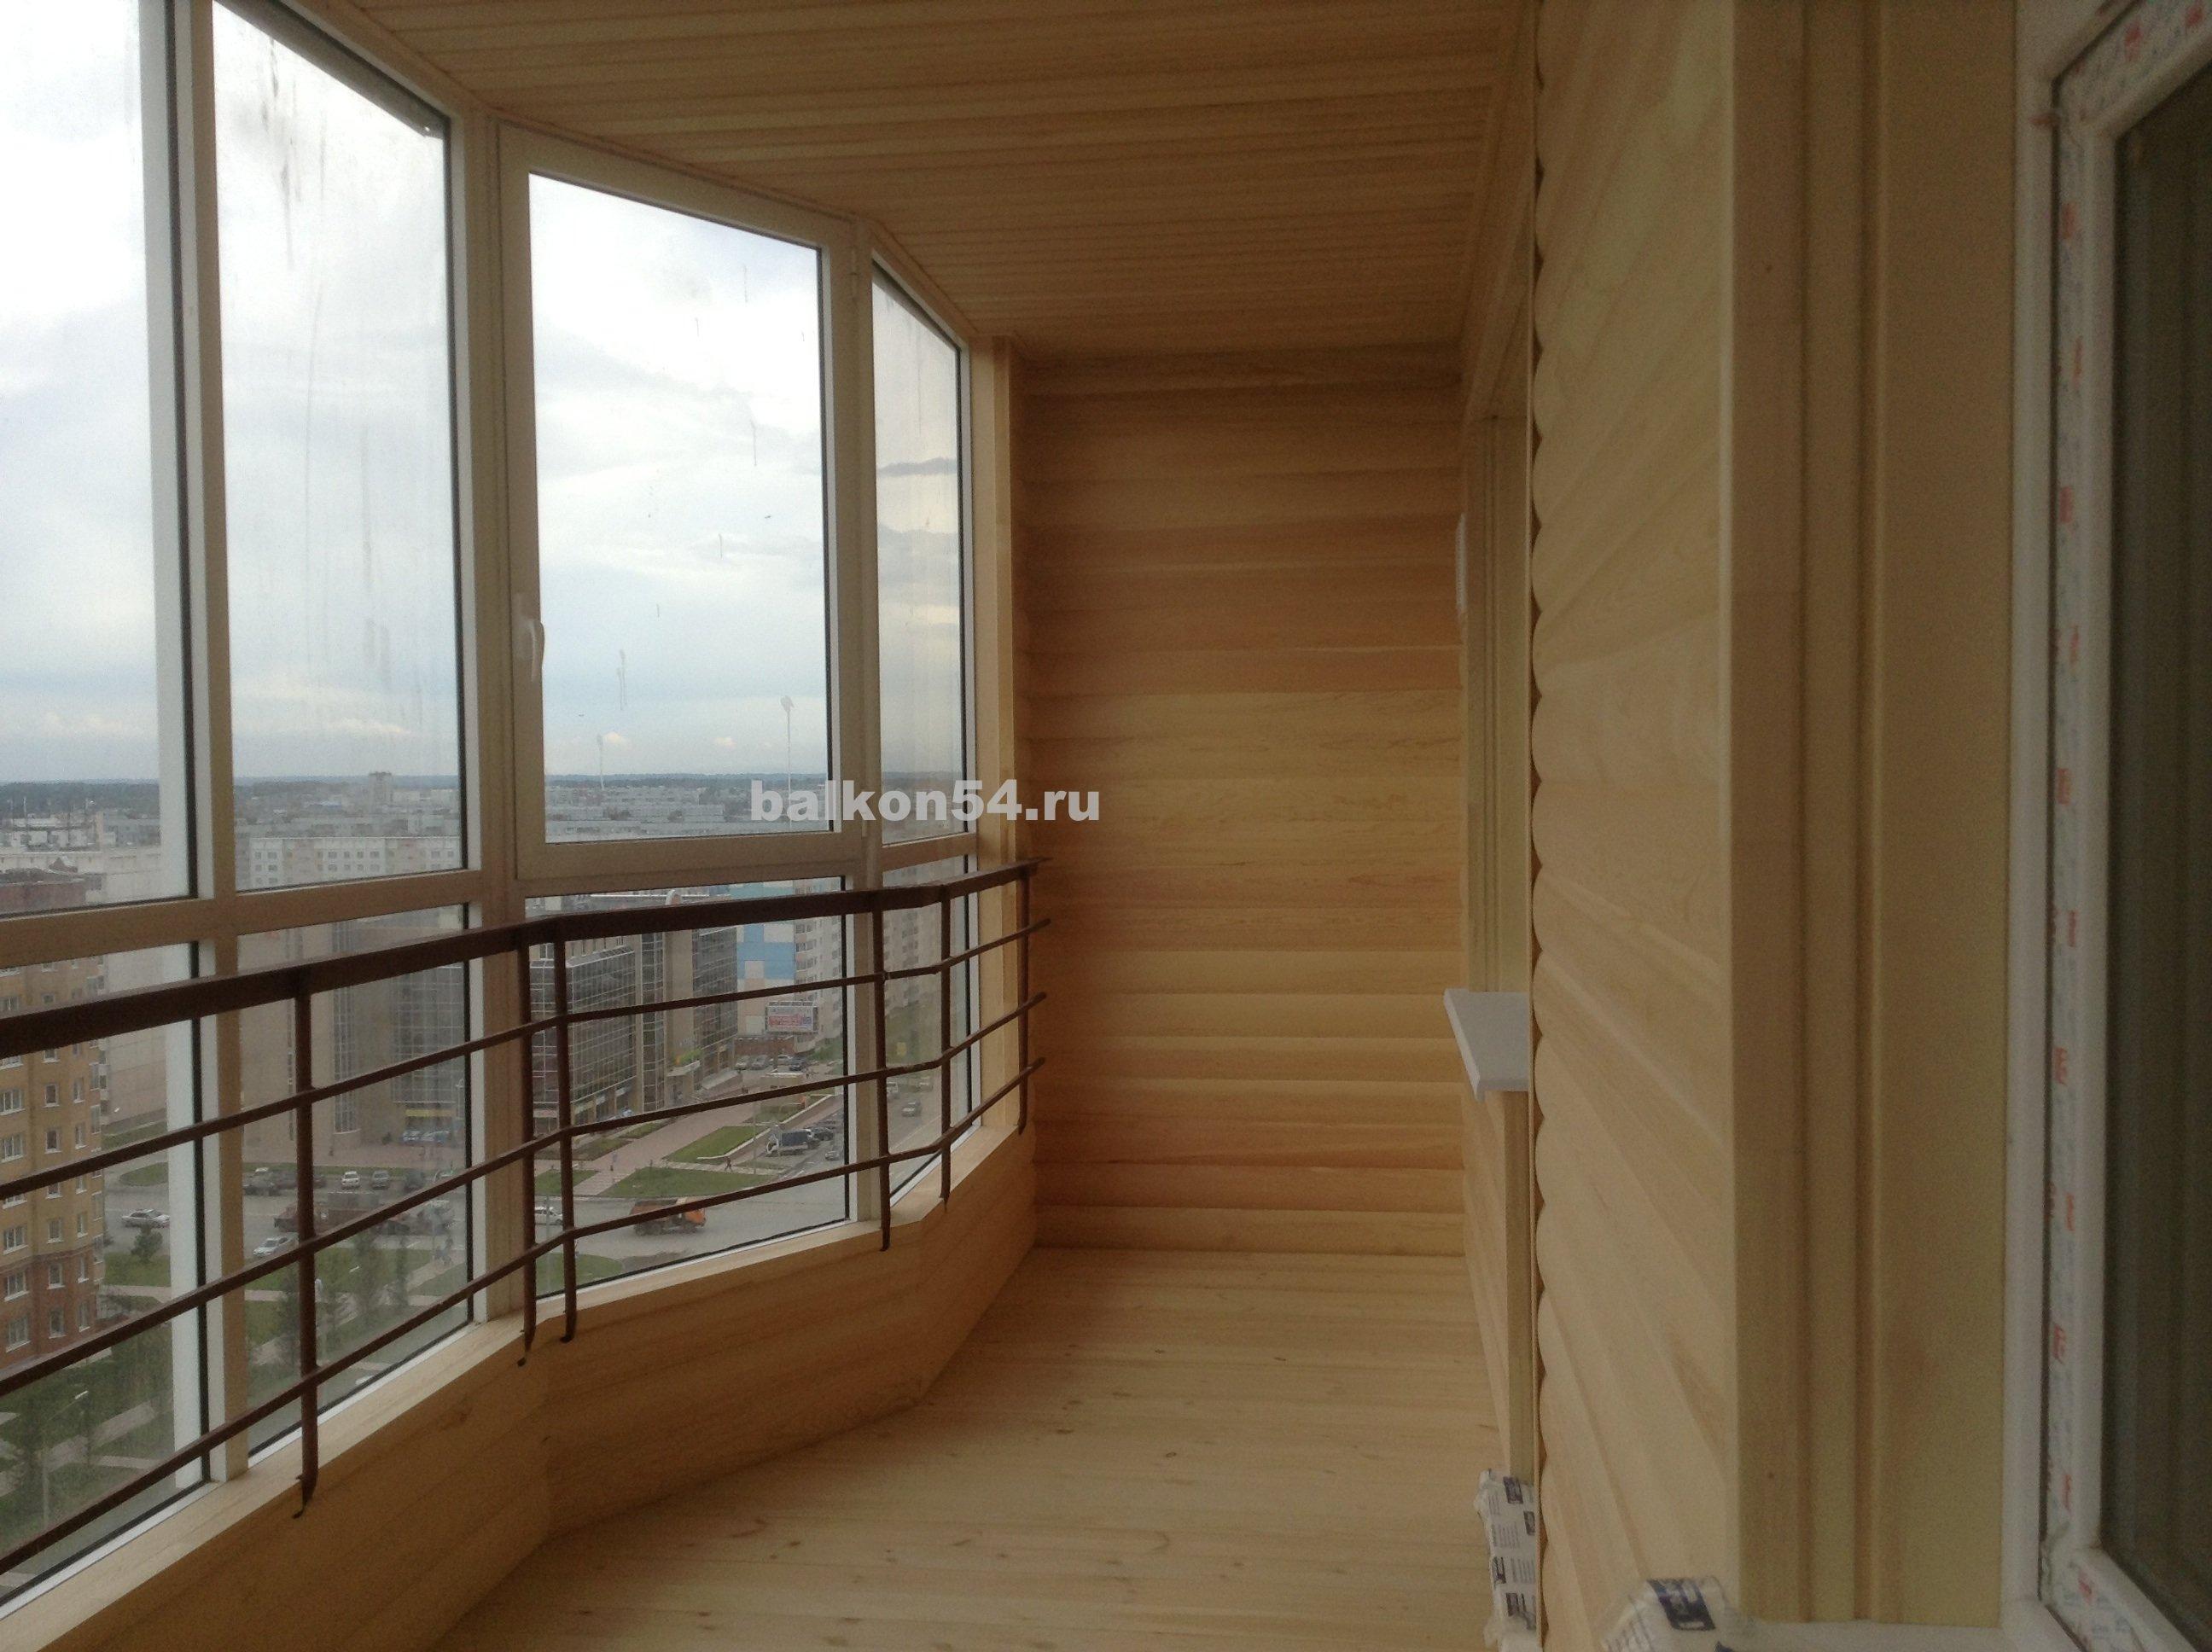 Все фотографии обшивка балкона блок хаусом.